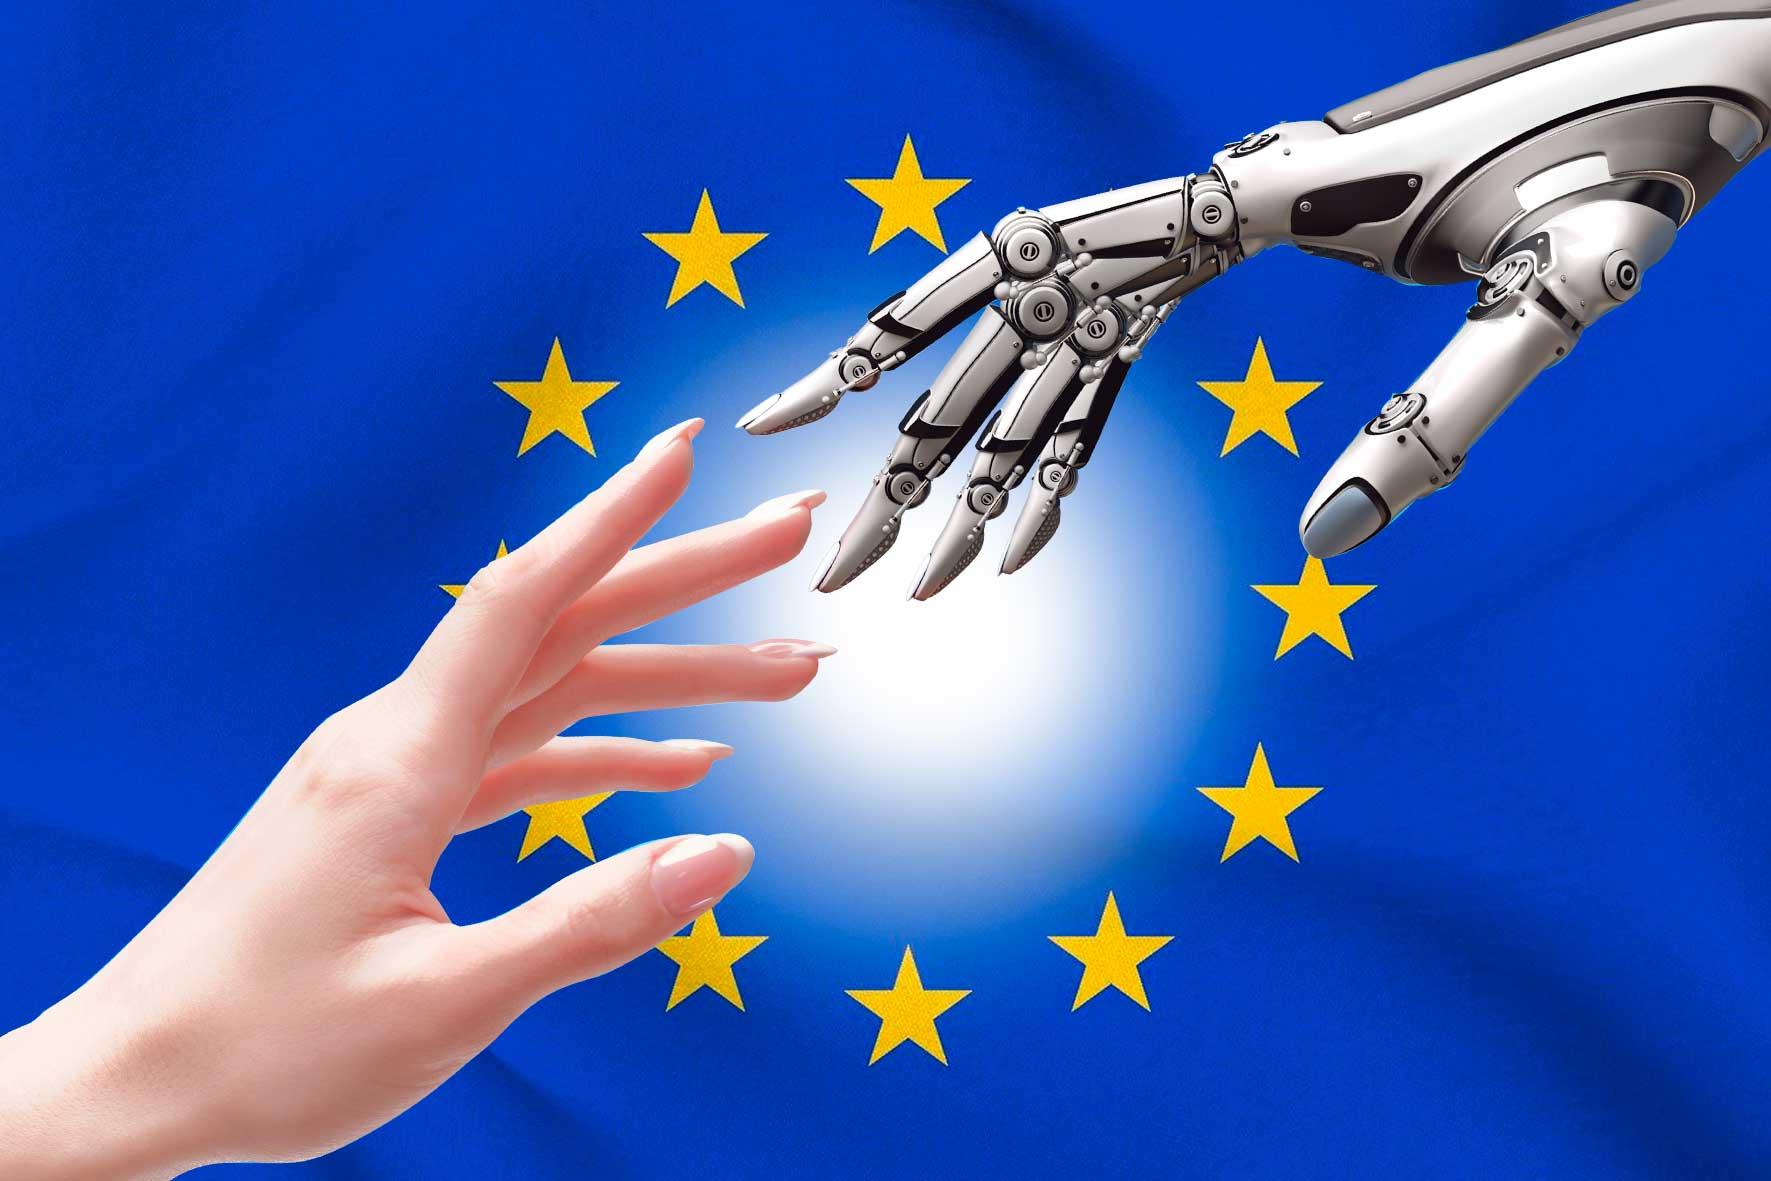 ¿Cómo aplicar la inteligencia artificial en tu negocio con los fondos europeos NextGenerationEU?